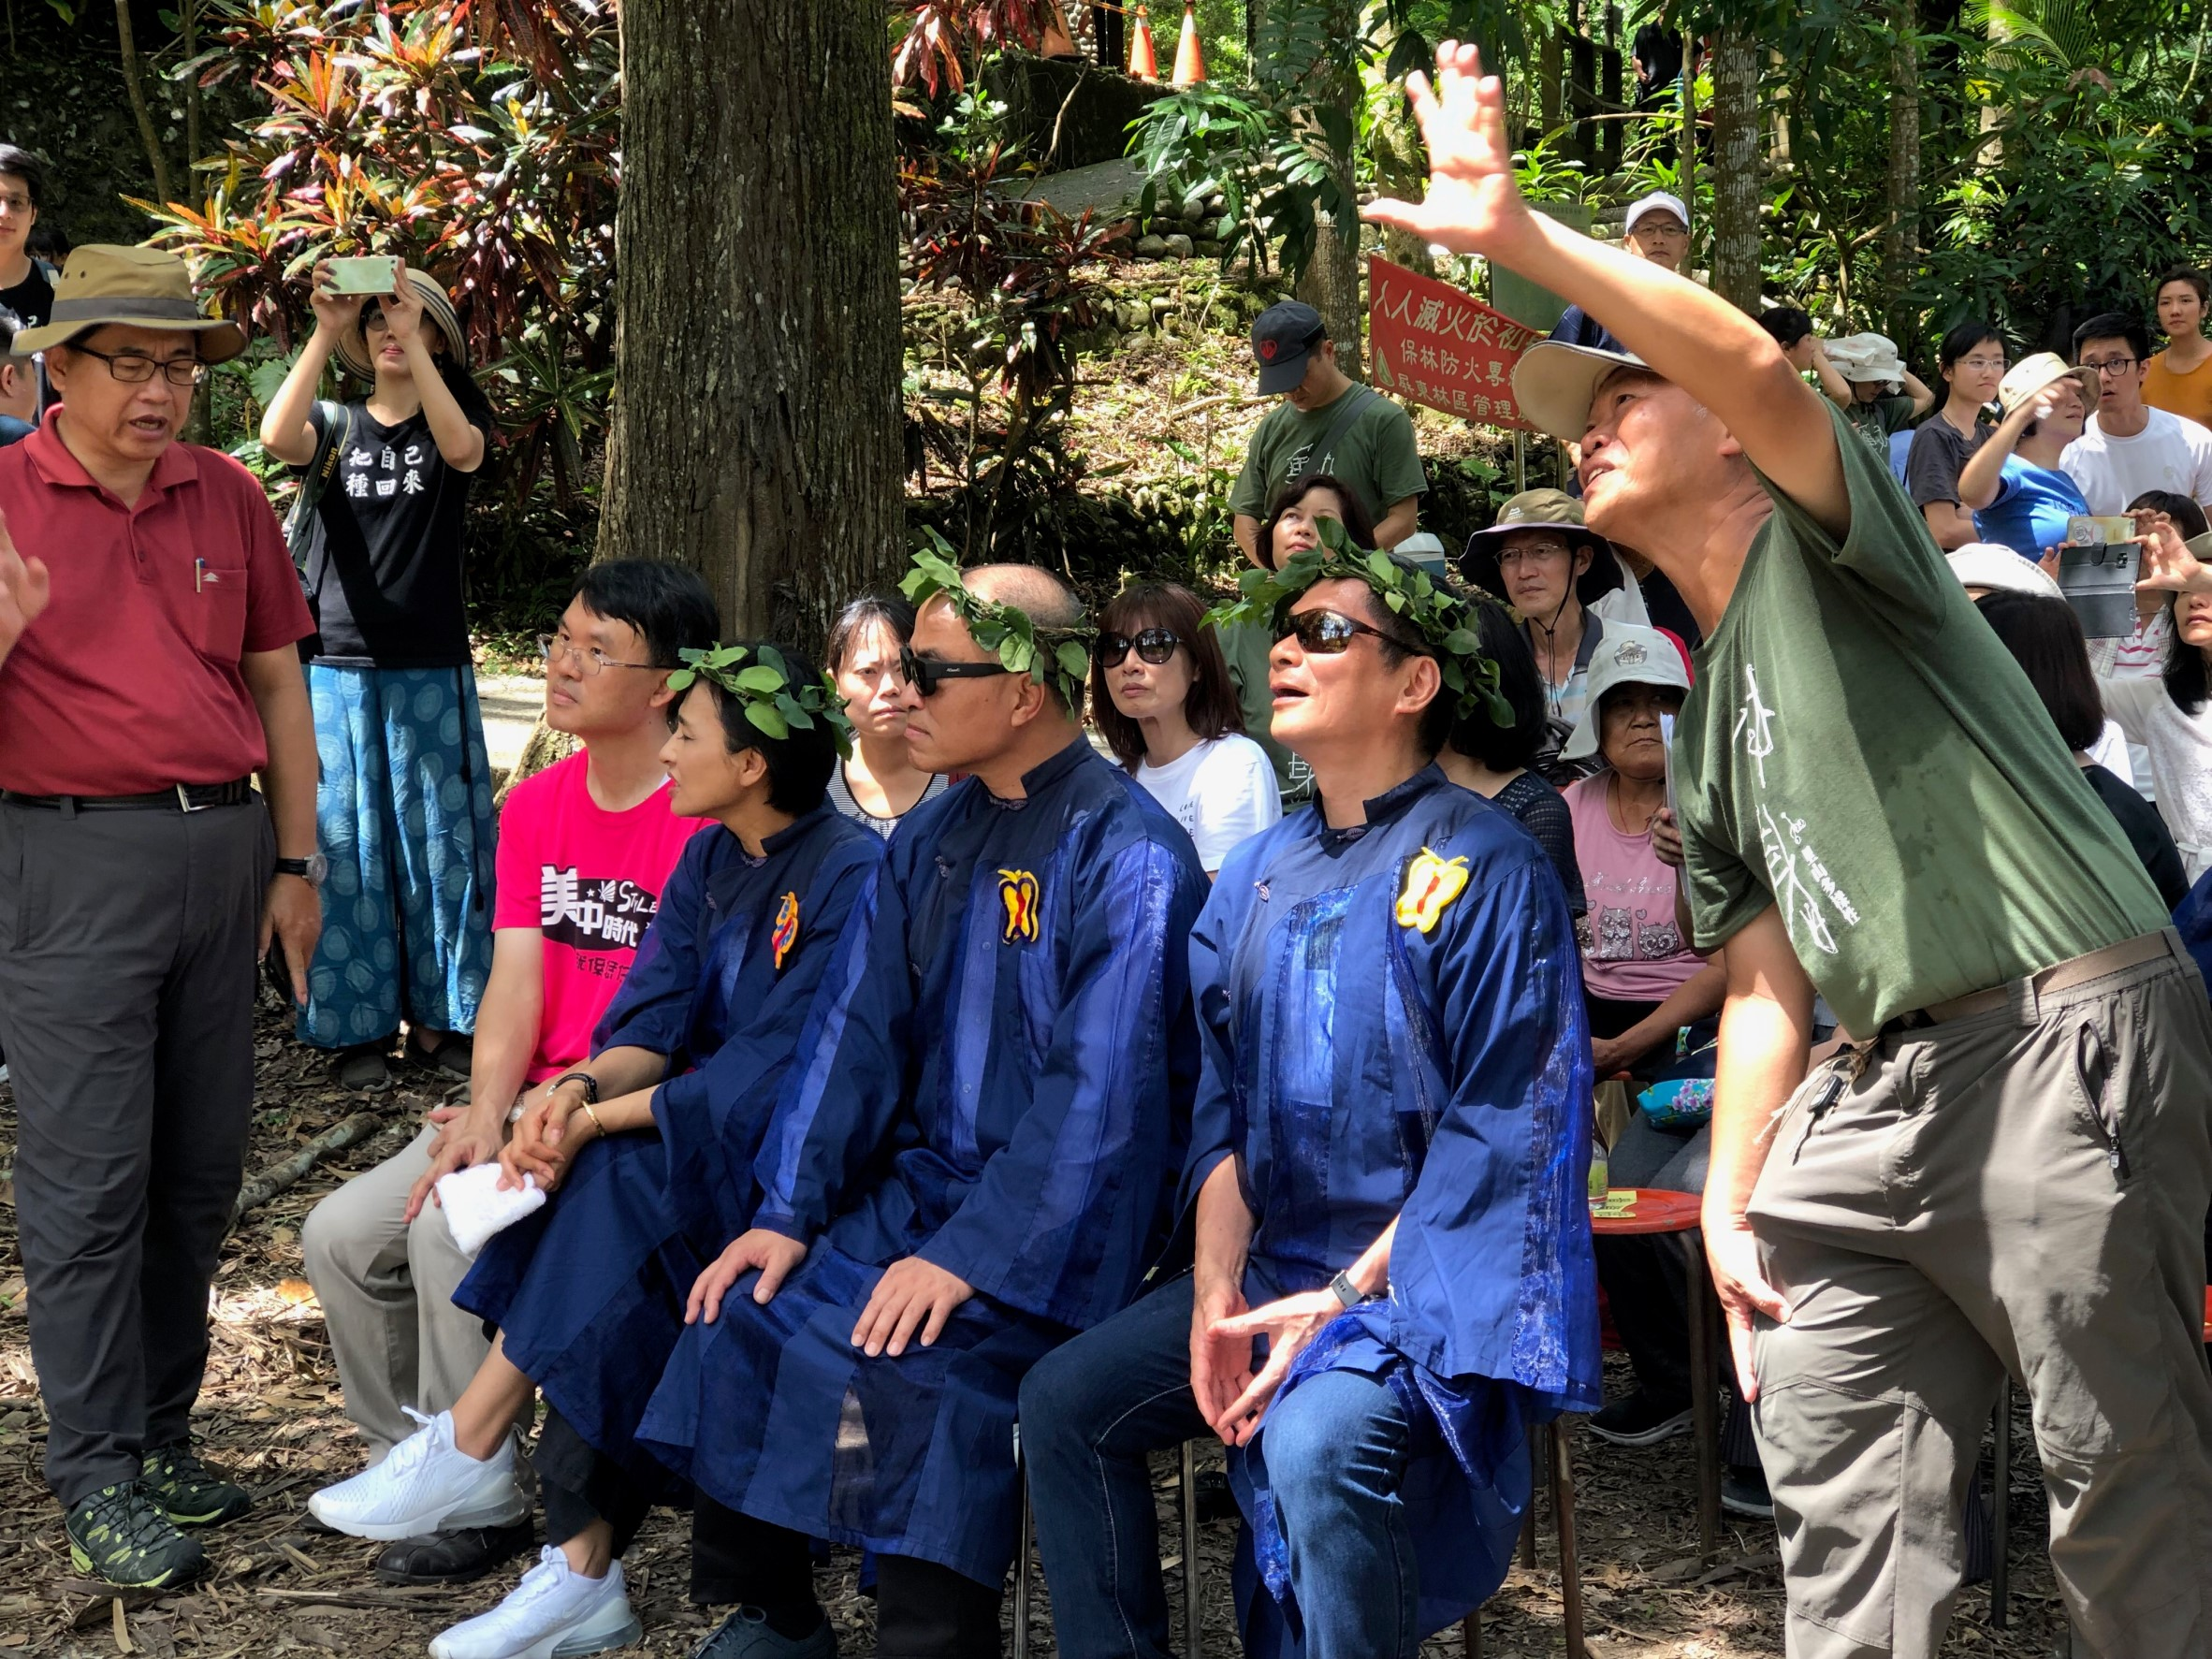 客委會李主委與大家一起參與「2019第二十二屆美濃黃蝶祭」活動。